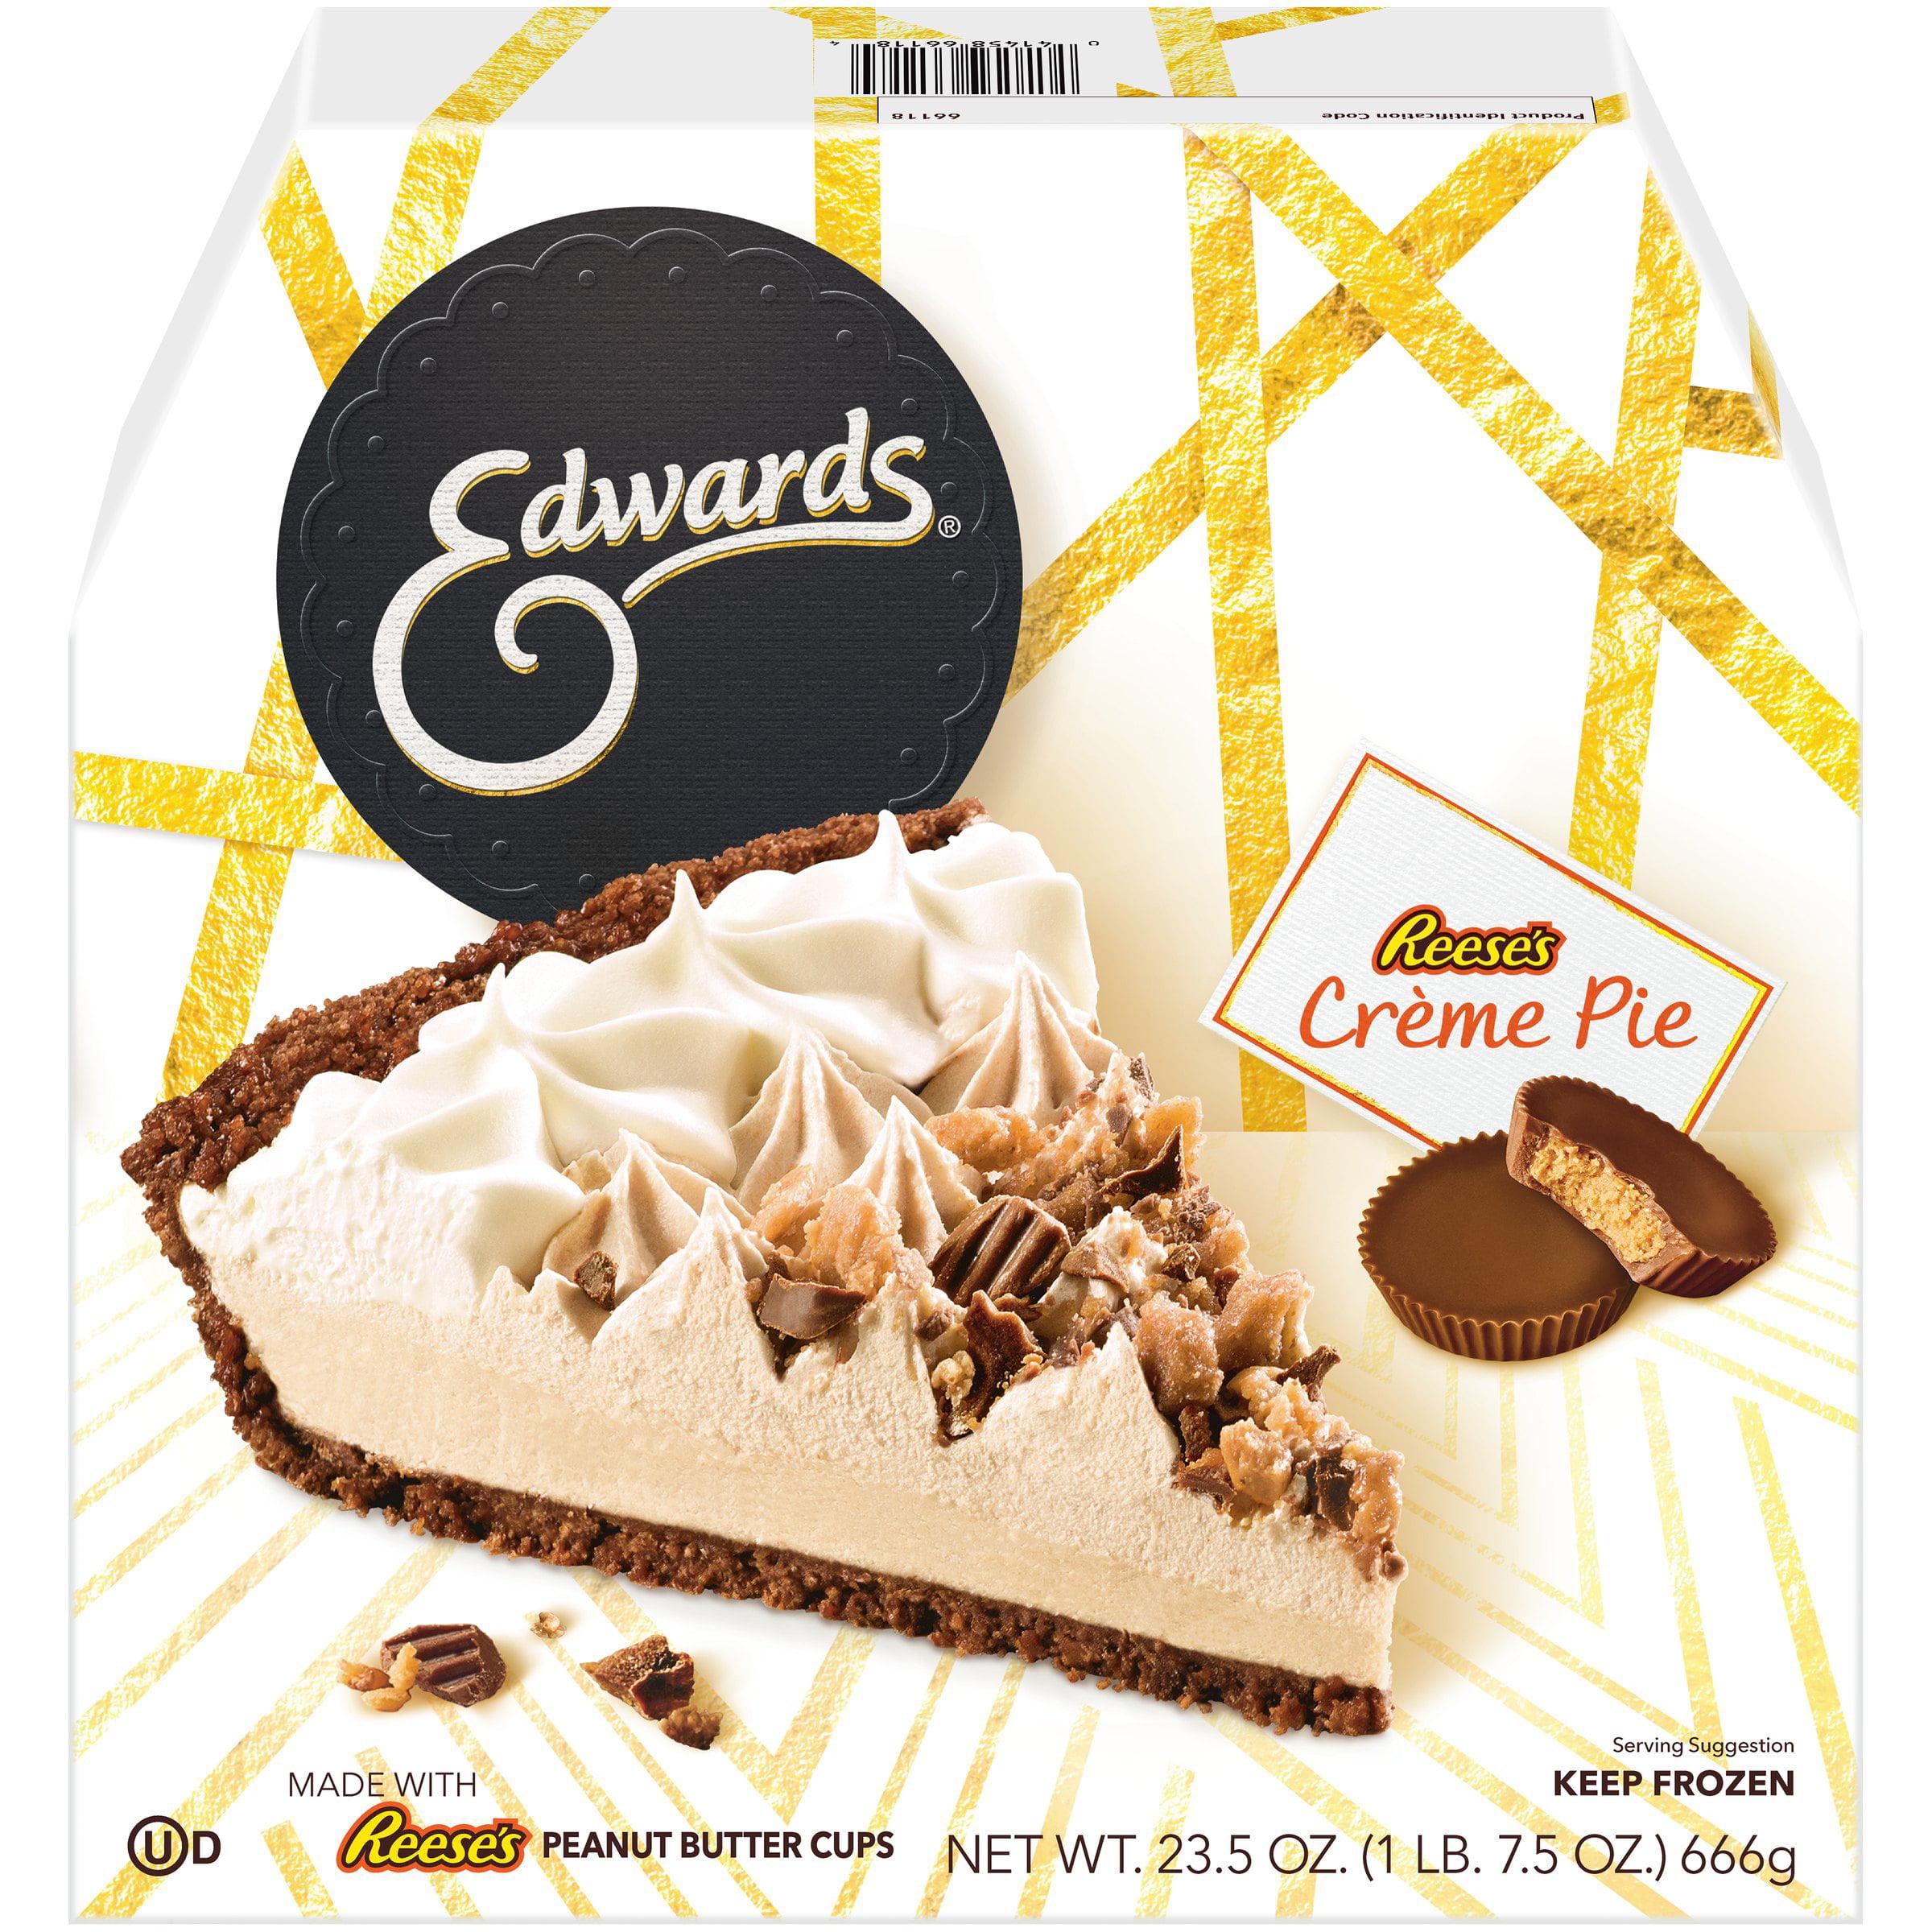 Edward Reese's Creme Pie 23.5 oz. Box